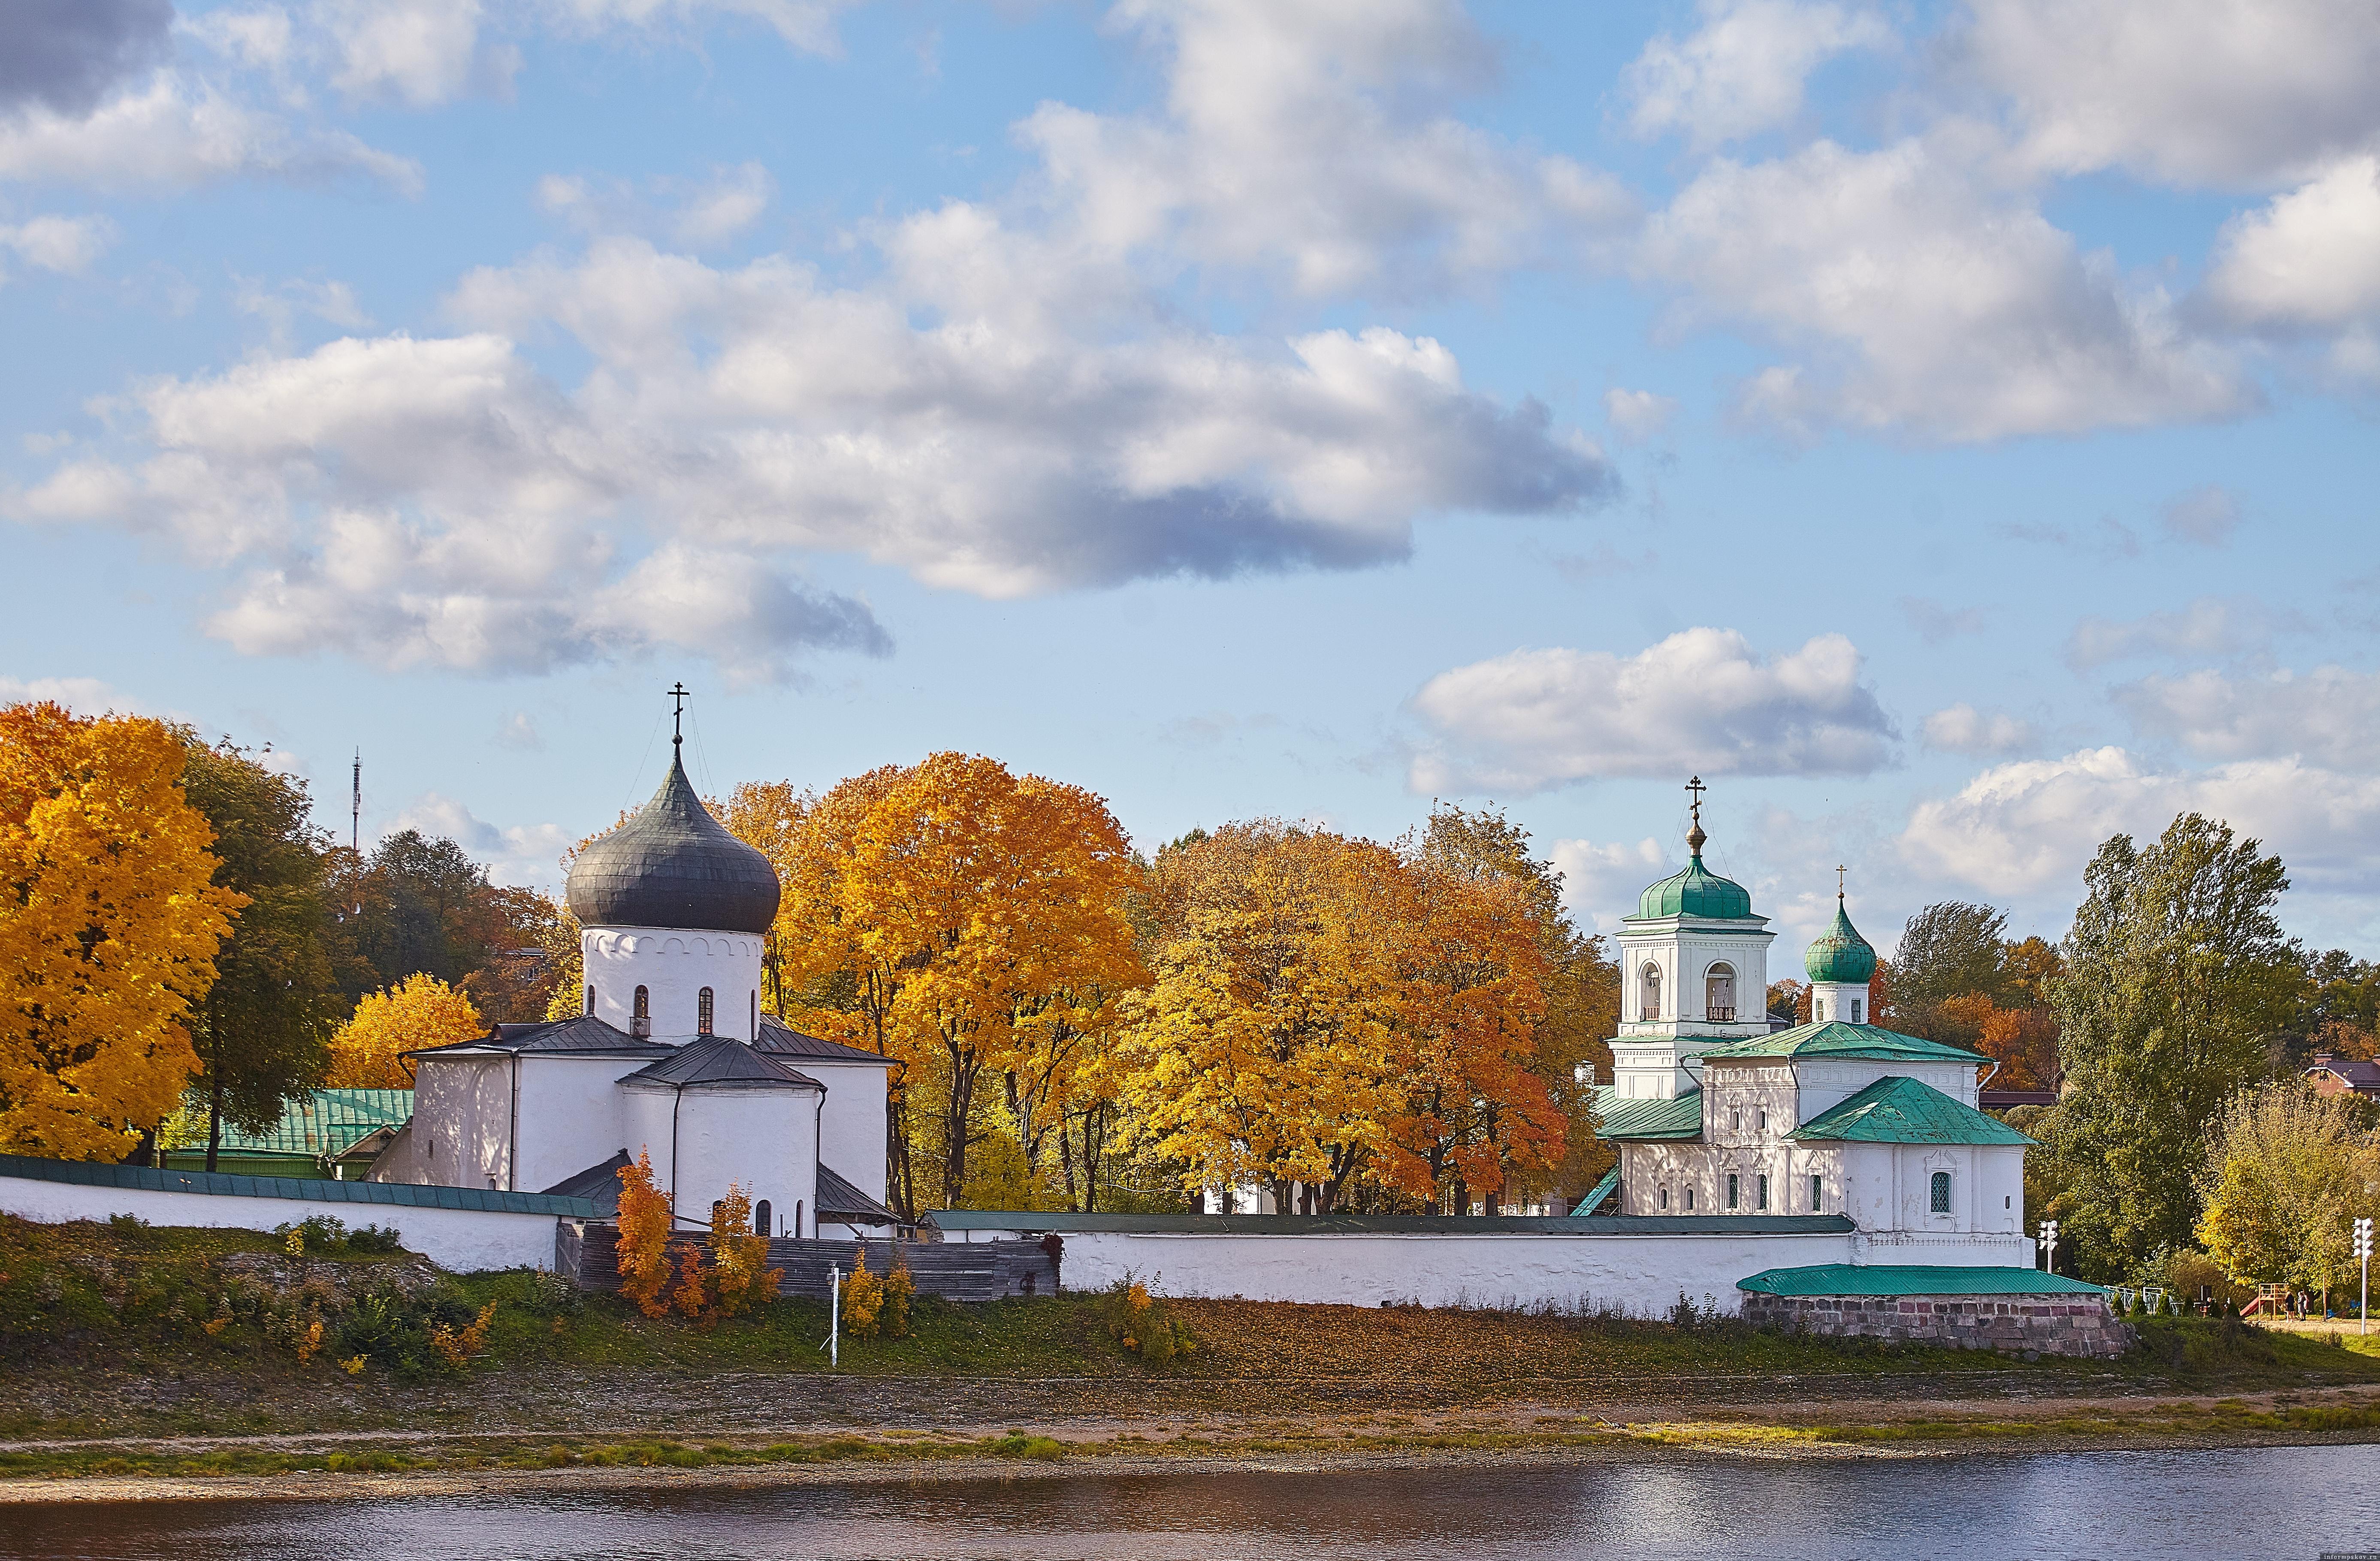 Мирожский монастырь в Пскове. Фото: Дарья Хваткова